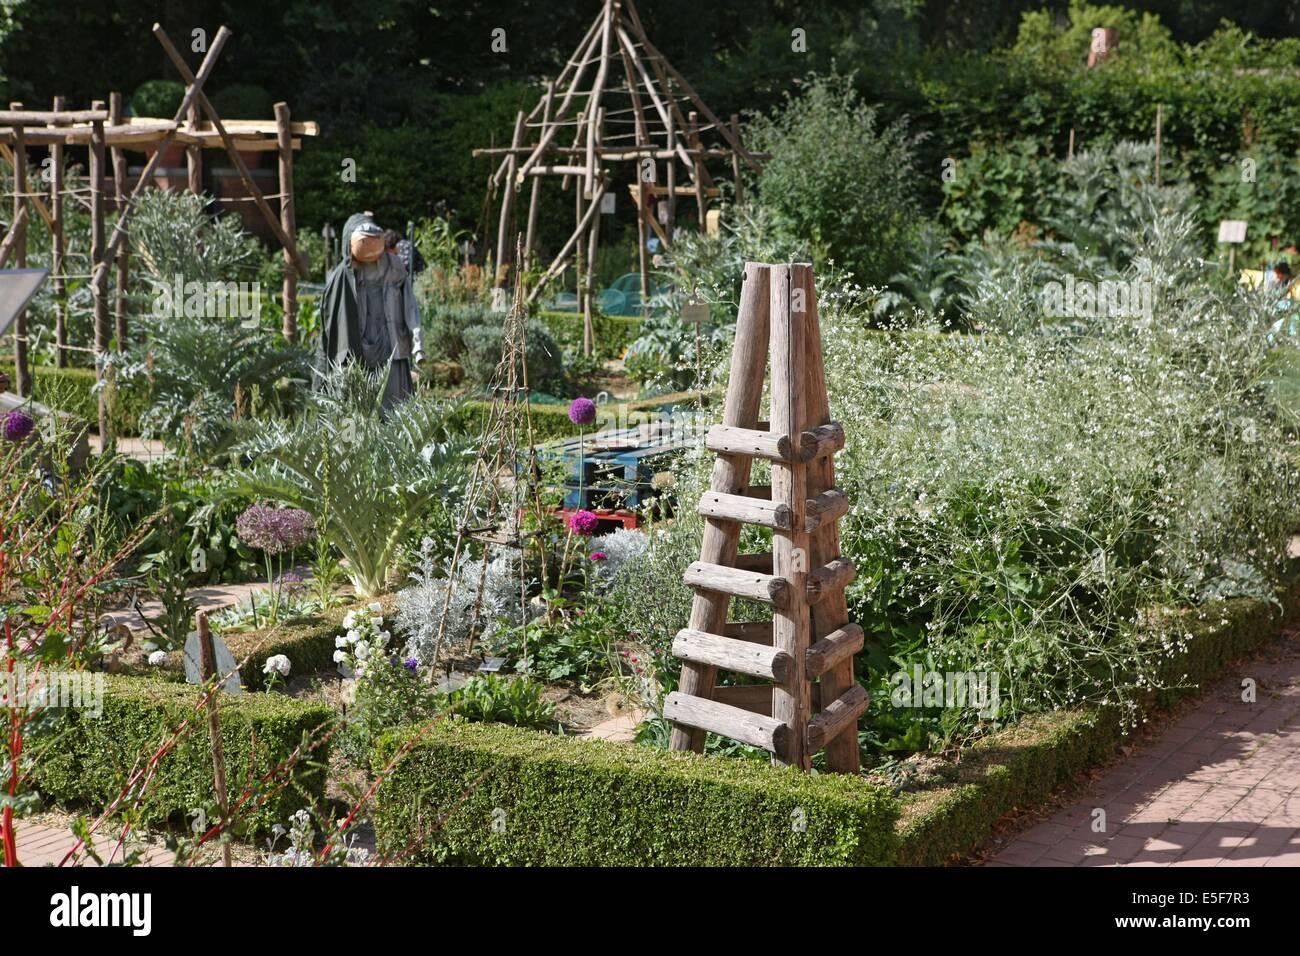 France, ile de france, paris, 12e arrondissement, bercy, parc de bercy, jardins potagers des enfants, epouvantail - Stock Image